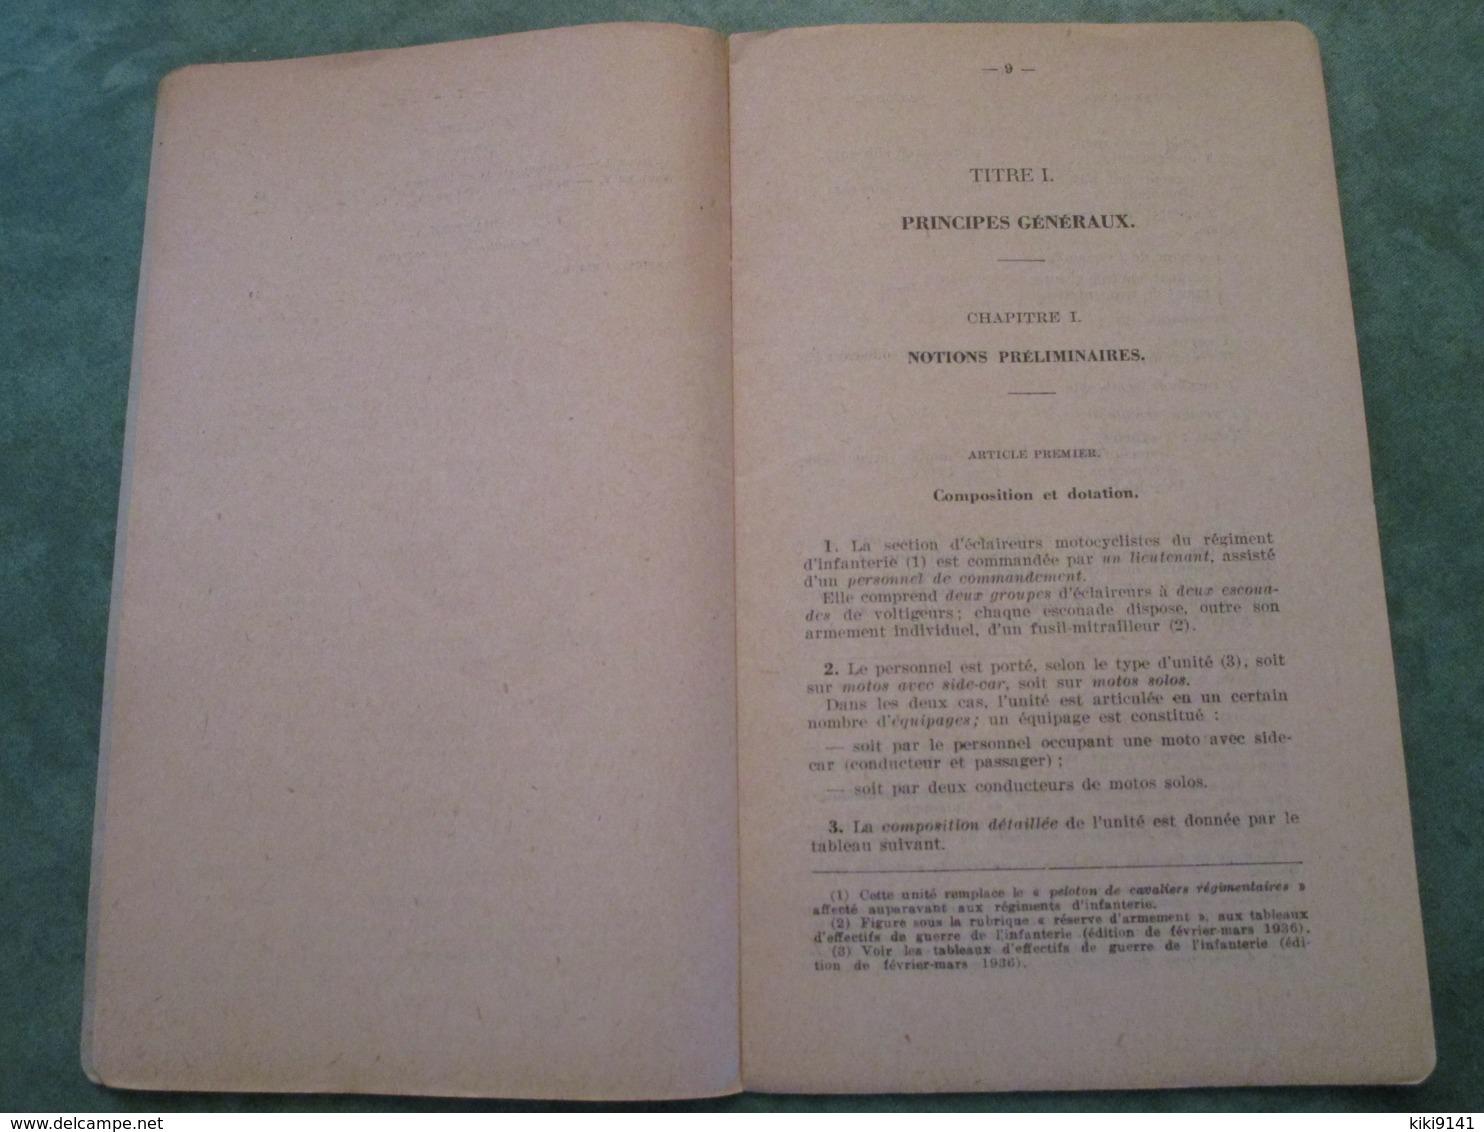 Instruction Provisoire Pour Les Sections D'Eclaireurs Motocyclistes D'Infanterie (34 Pages) - Français